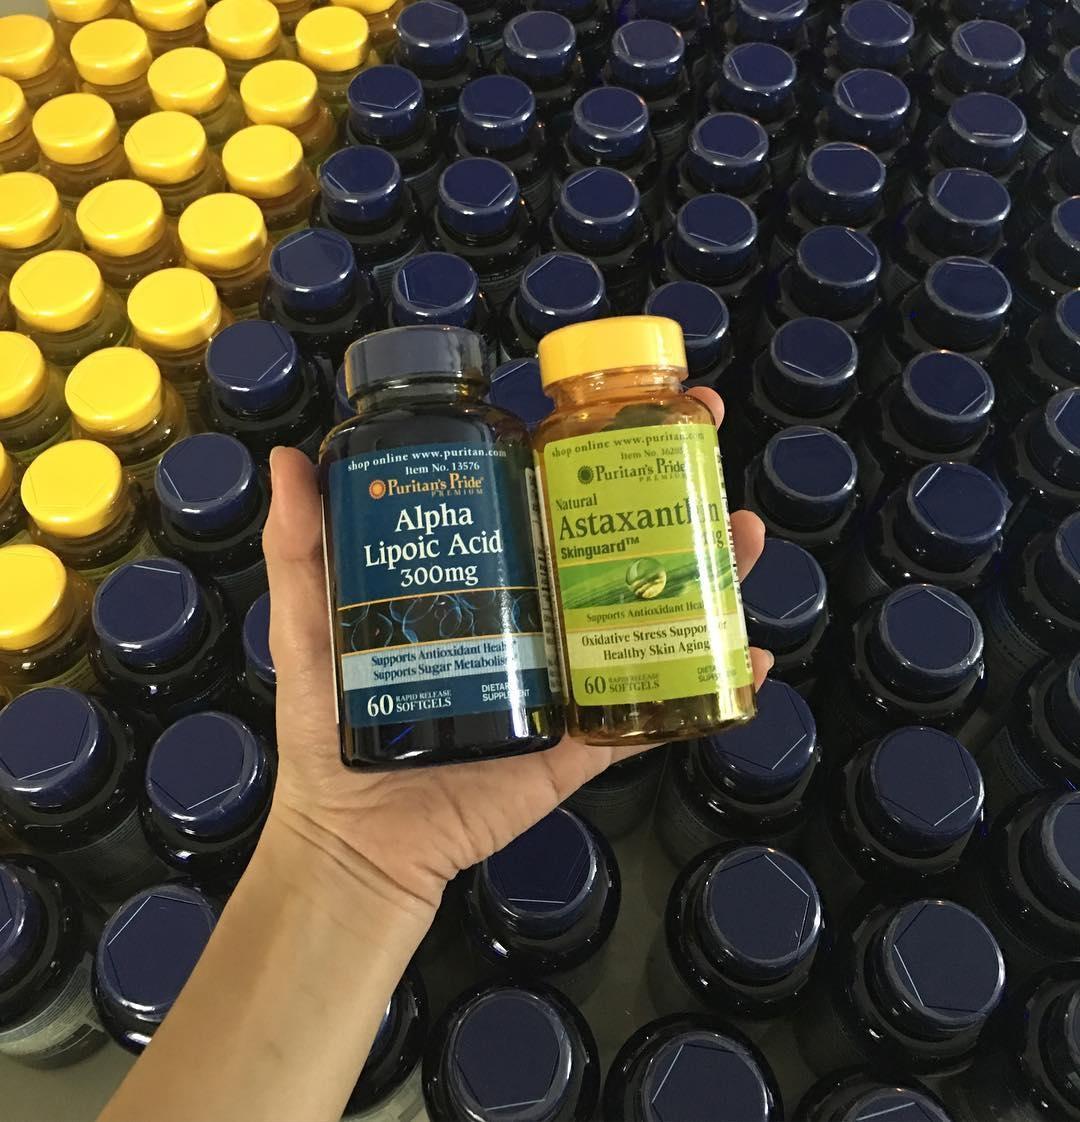 Astraxanthin(แอสต้าแซนธิน) Puritan 5mg 60 softgels + ALA วิตามินเร่งขาว Puritan Alpha Lipoic Acid 300 mg 60 60 softgels ทานร่วมกันลดเลือนริ้วรอย เร่งขาวเร็วขึ้น 2 เท่าUSA